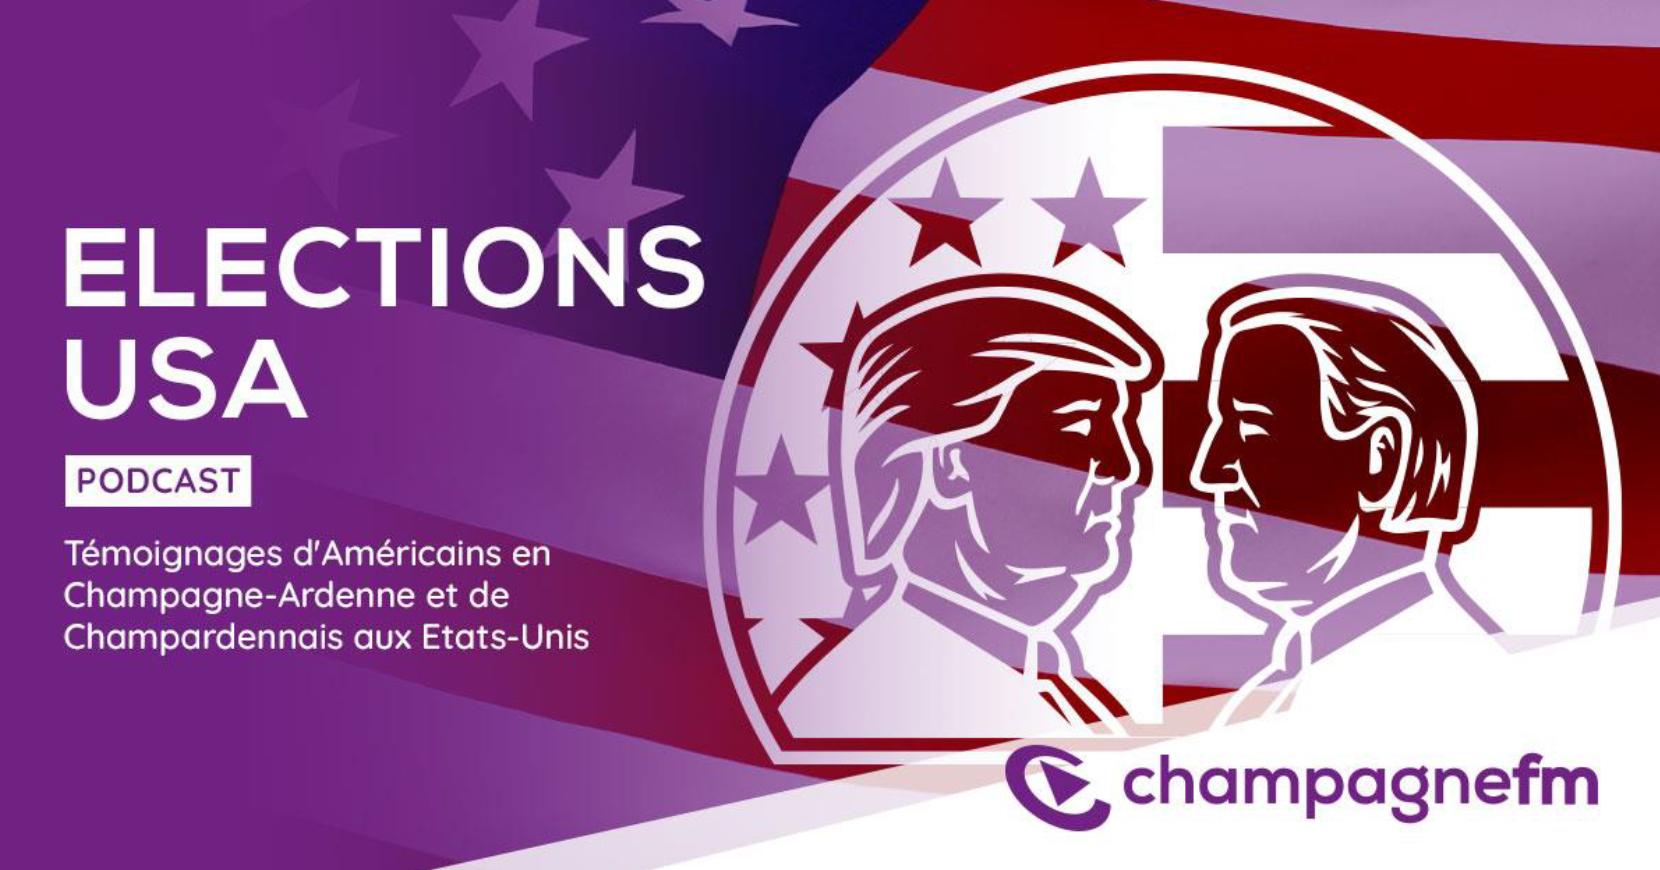 Champagne FM : un podcast sur l'élection américaine